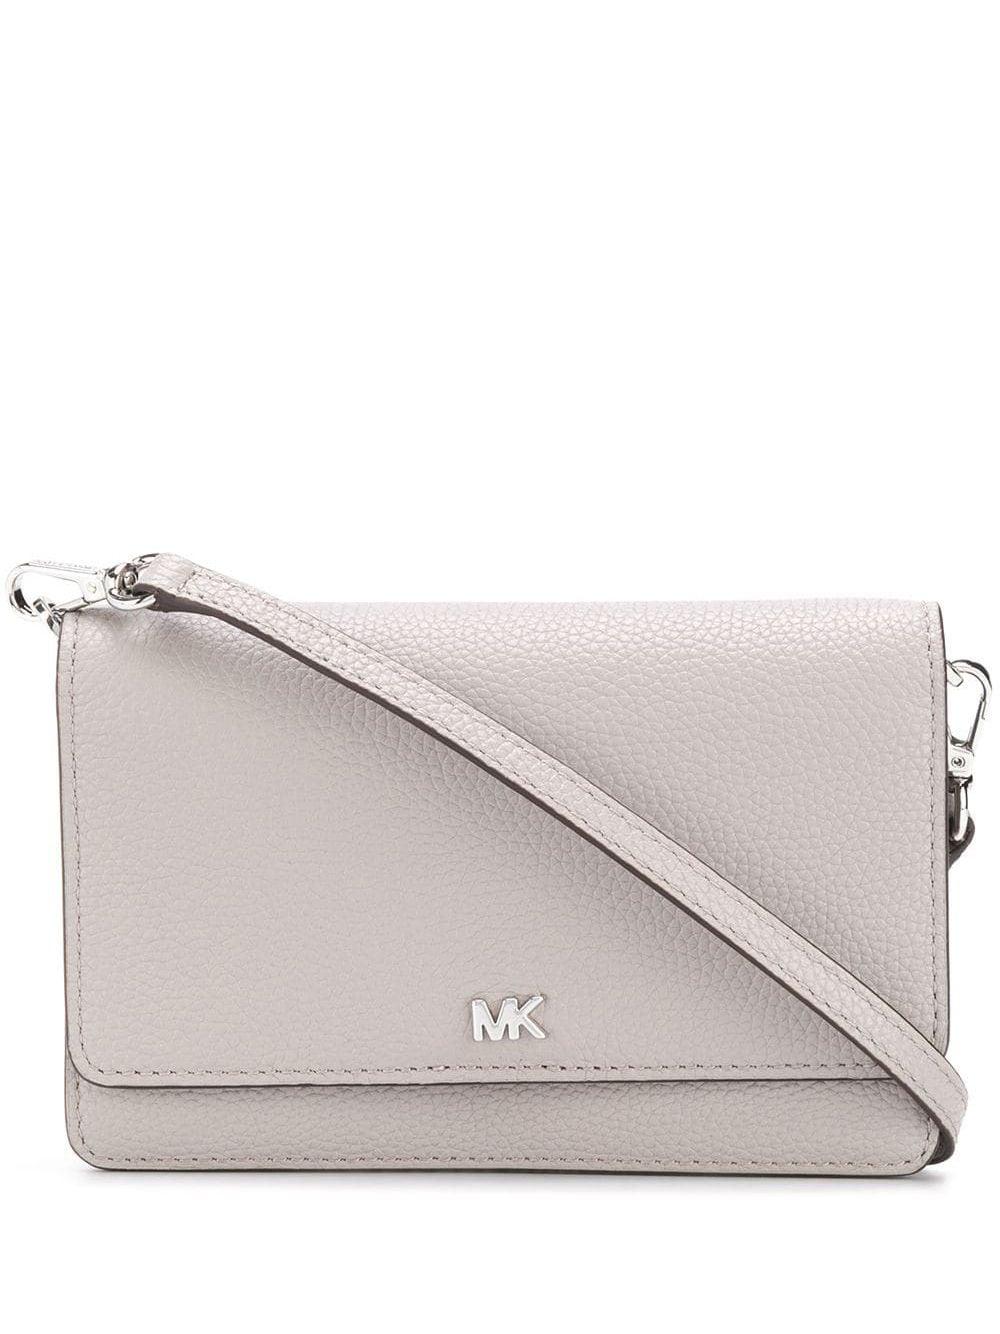 Handtaschen von Michael Kors in Grau | handtaschen.blog